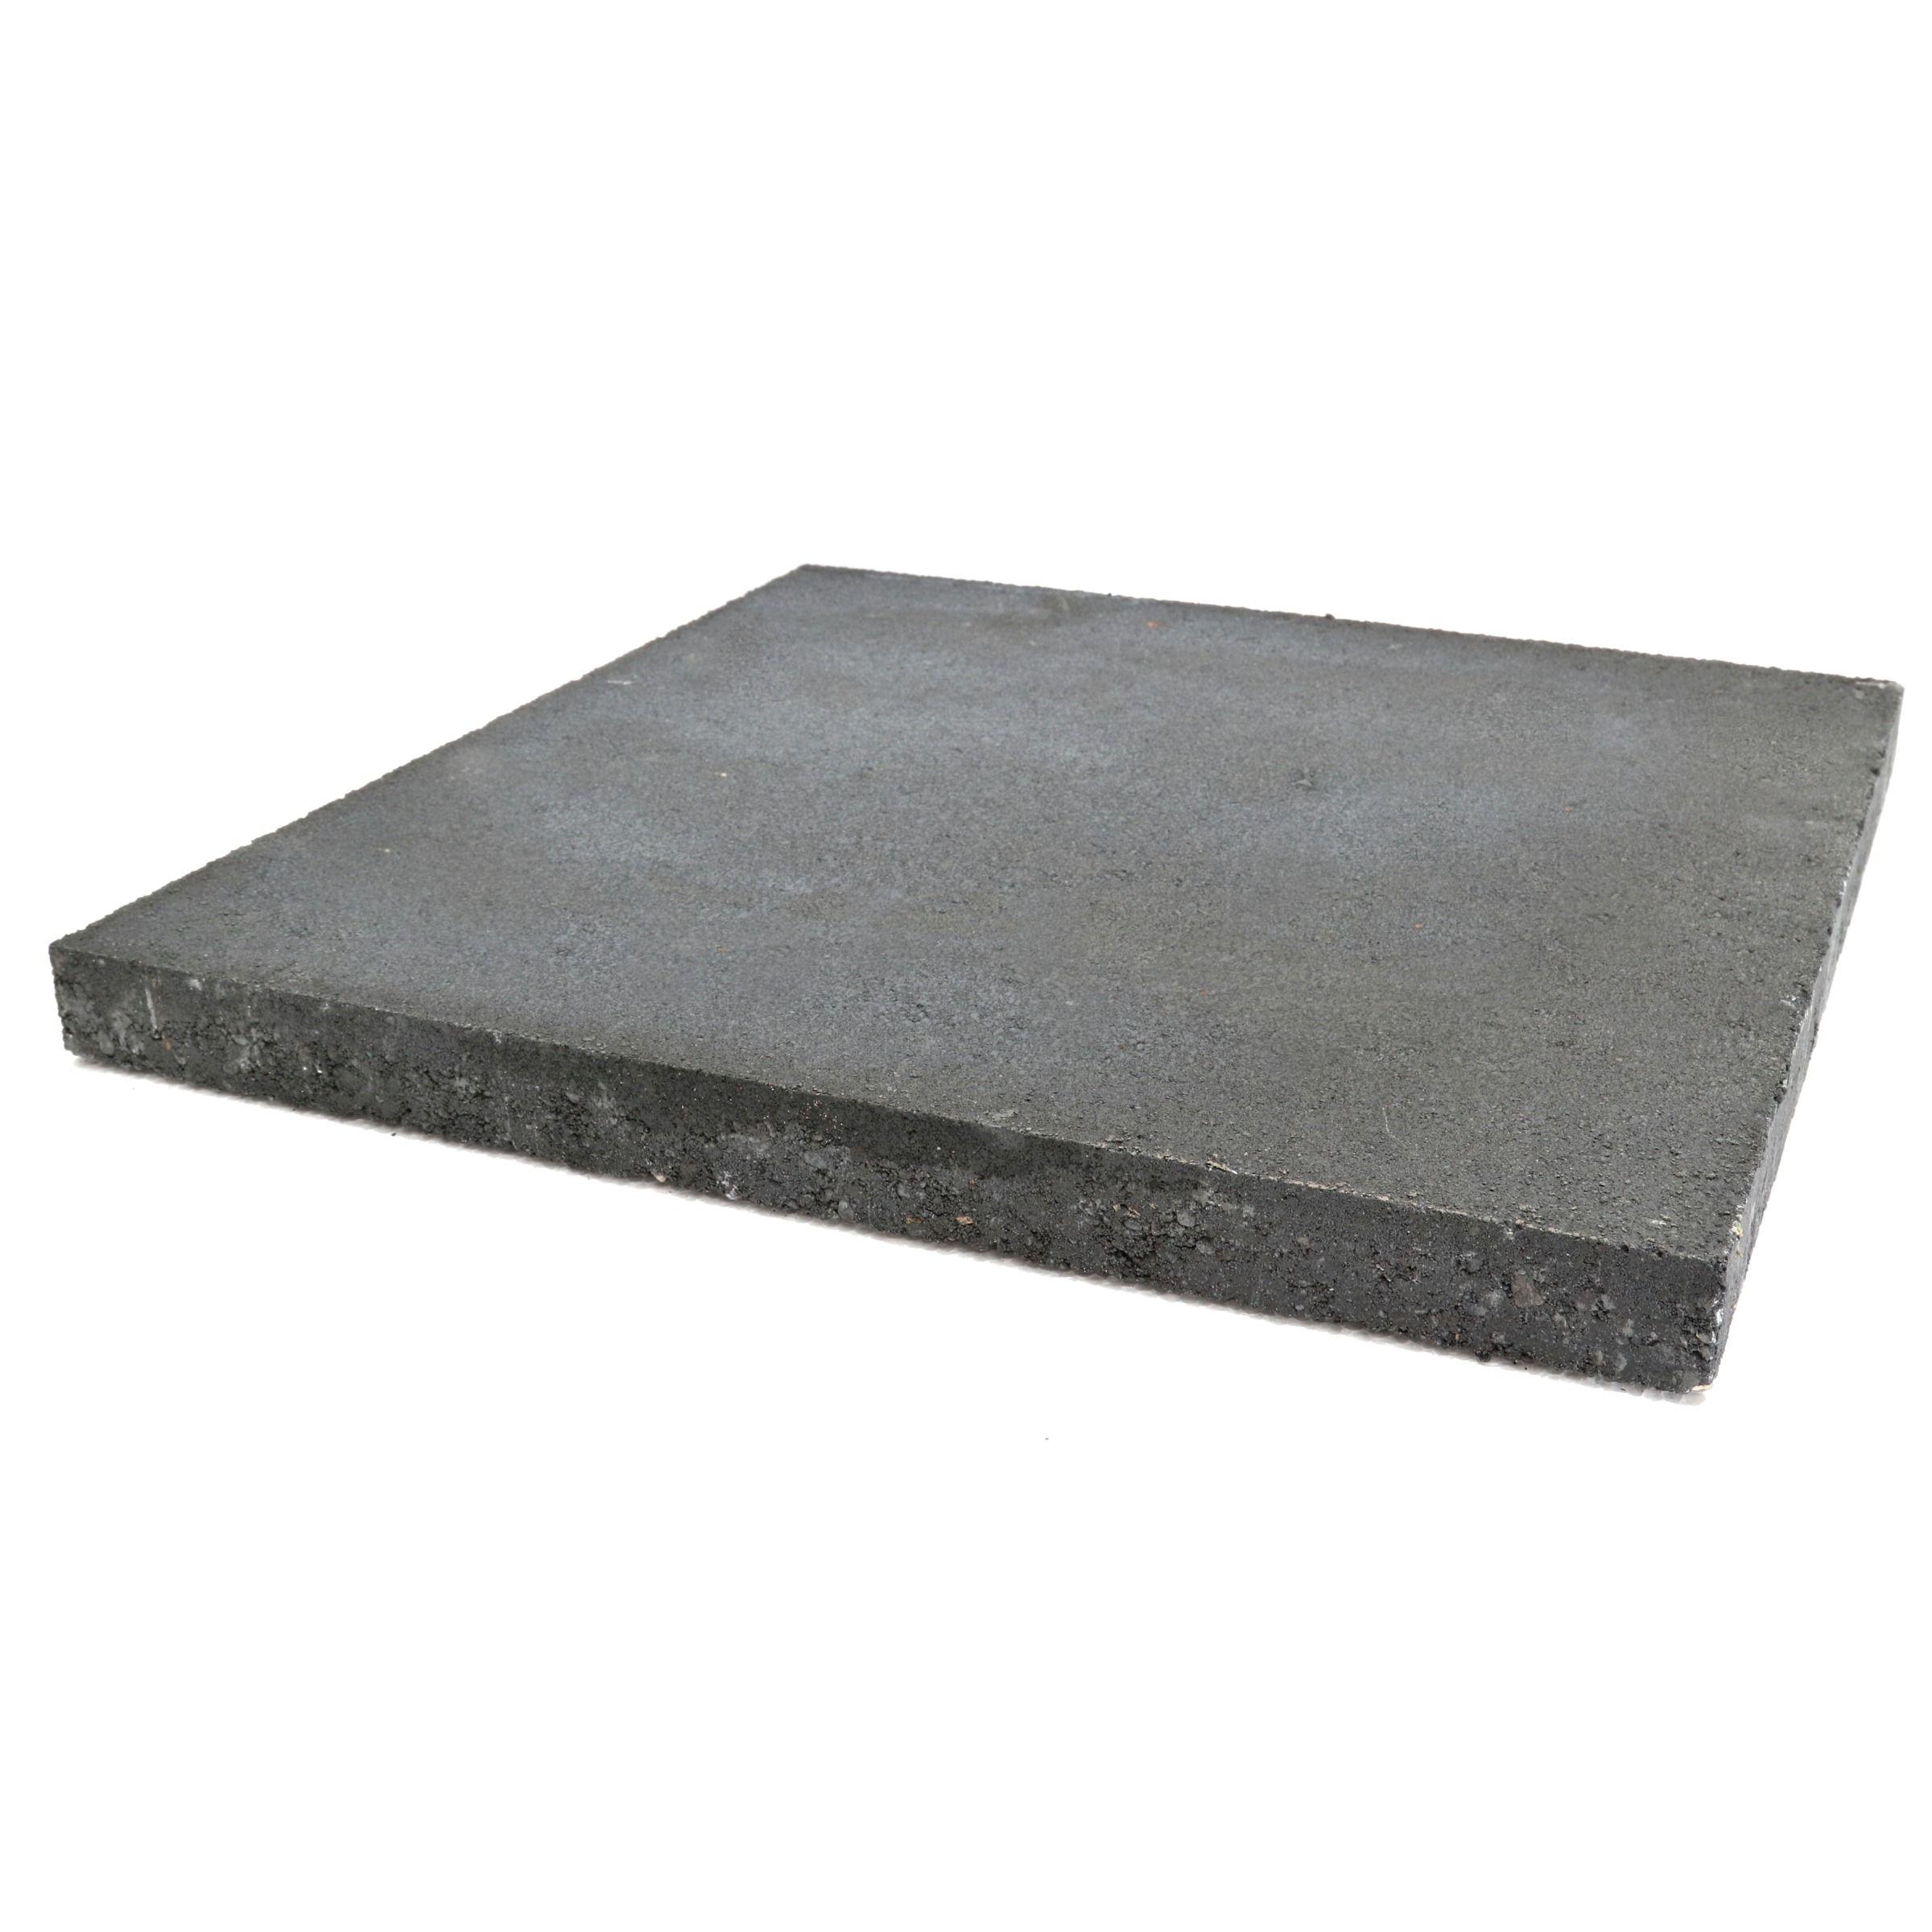 Grijze Tegels 50x50.Betontegel Antraciet 50x50 Cm Per Tegel 0 25 M2 In 2019